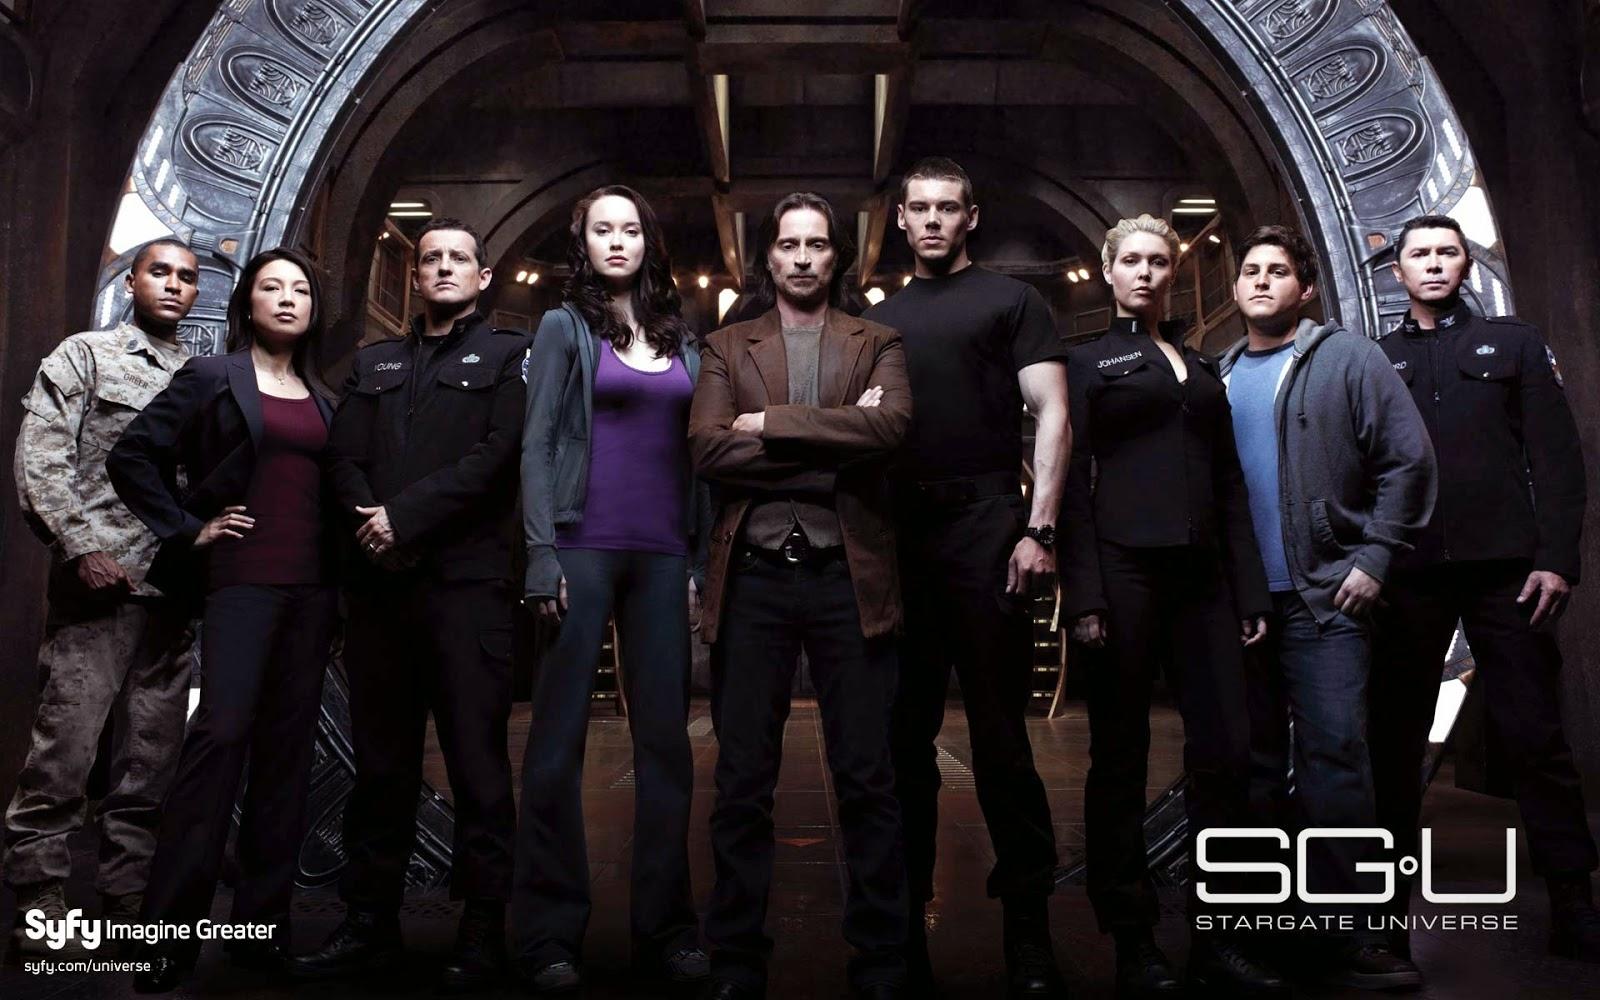 звездные врата вселенная 1 сезон смотреть онлайн